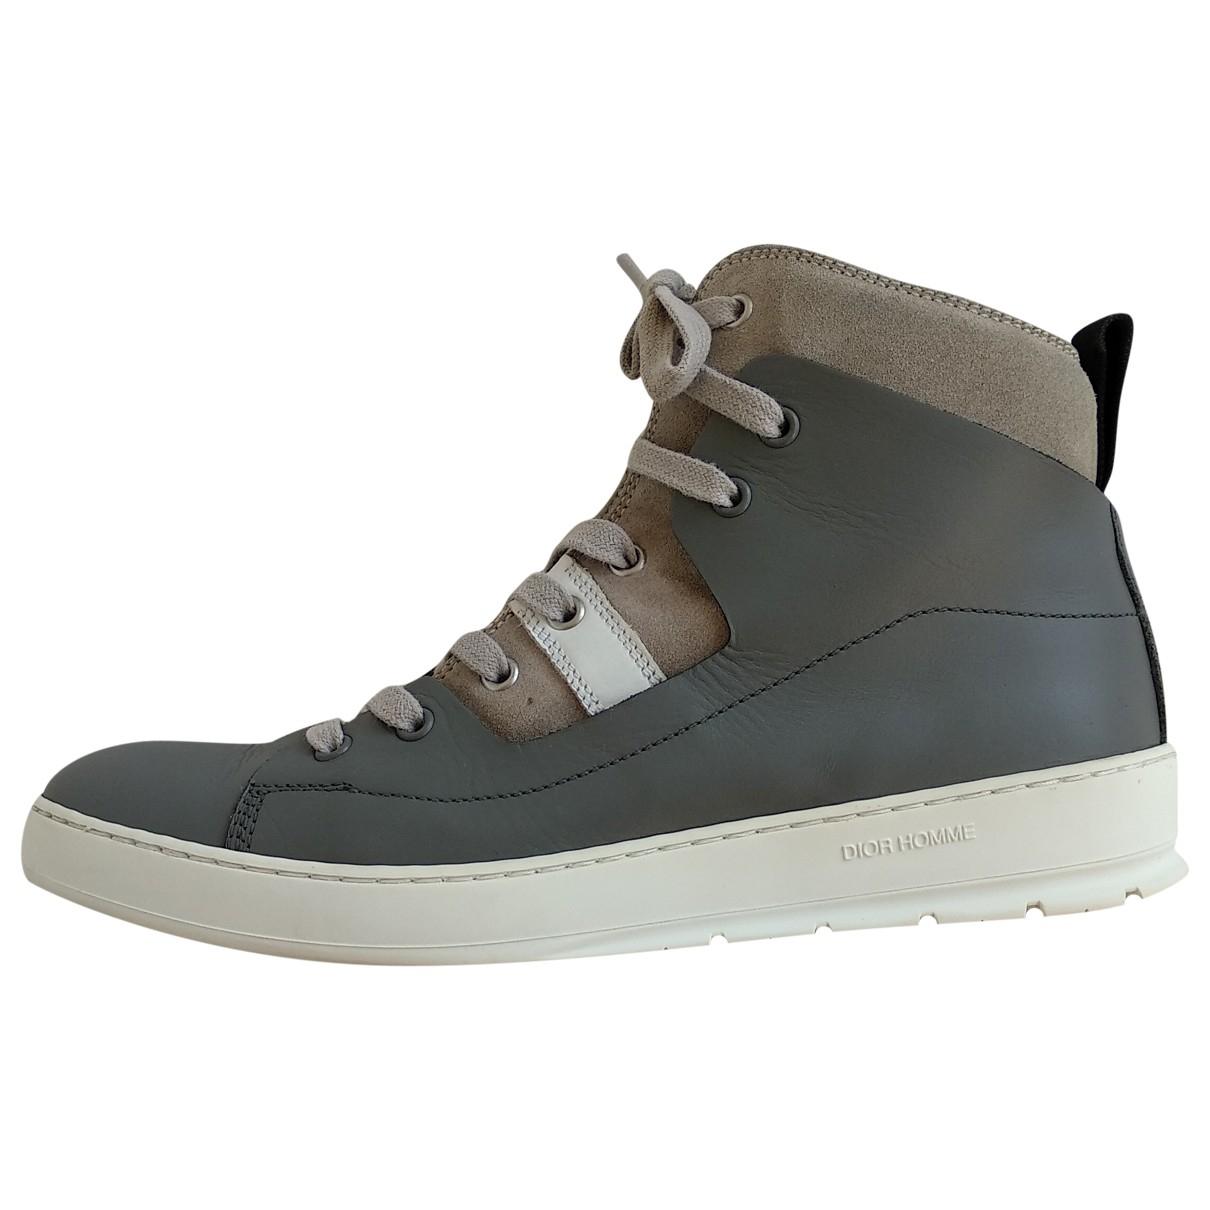 Dior Homme \N Sneakers in  Grau Leder